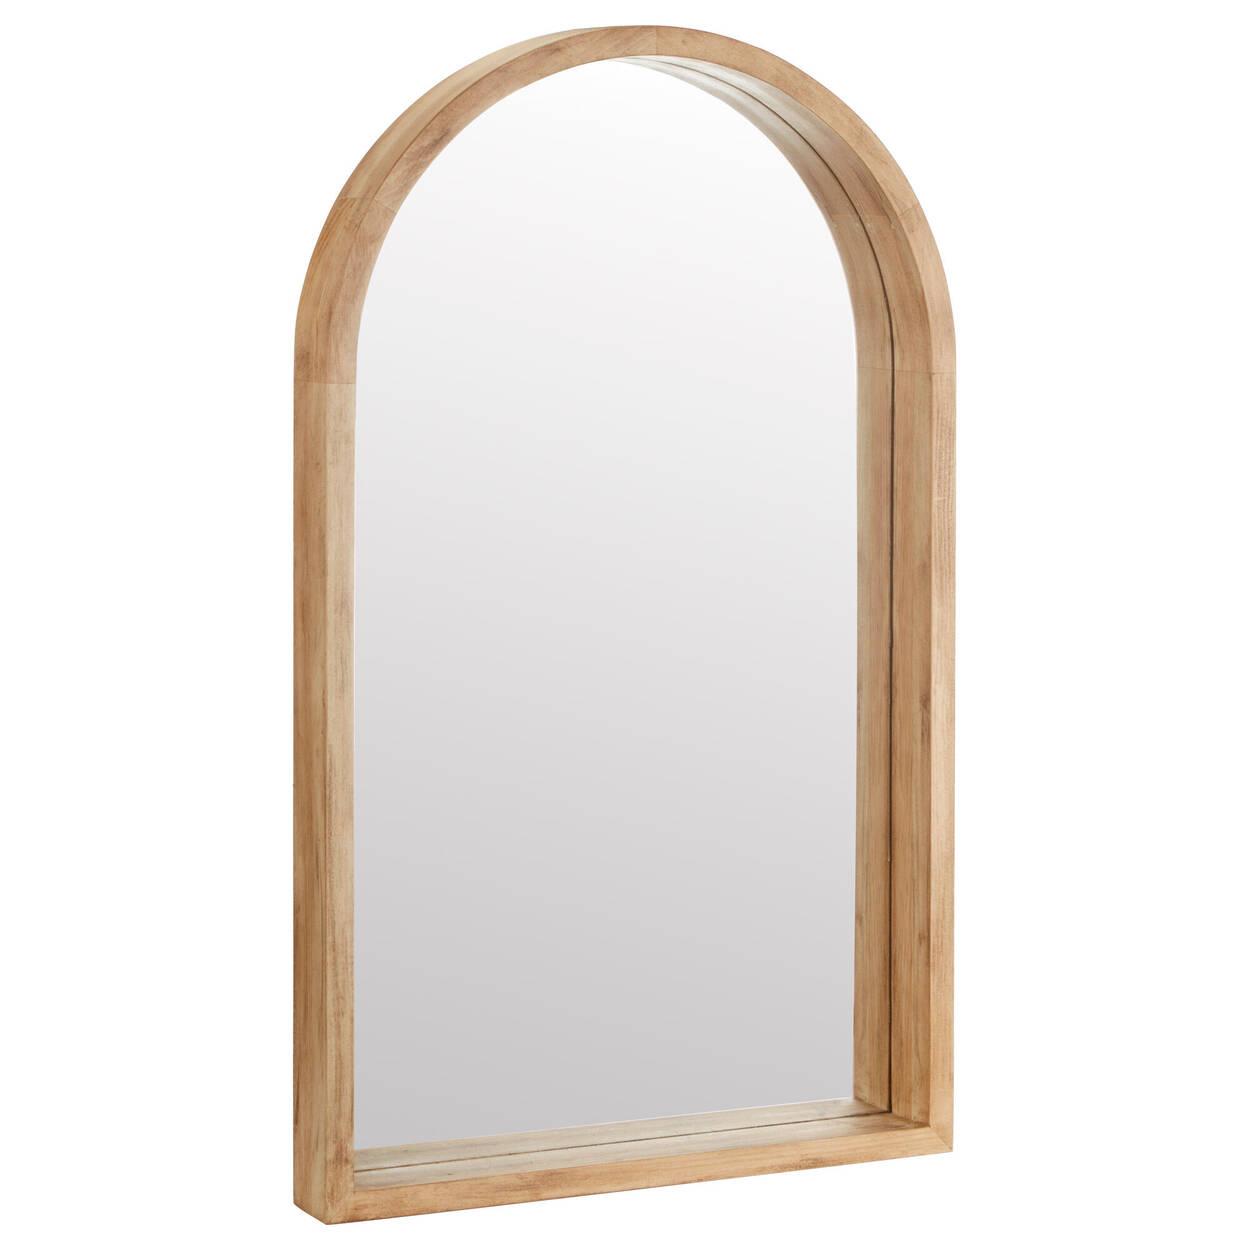 Arched Barn Wood Mirror